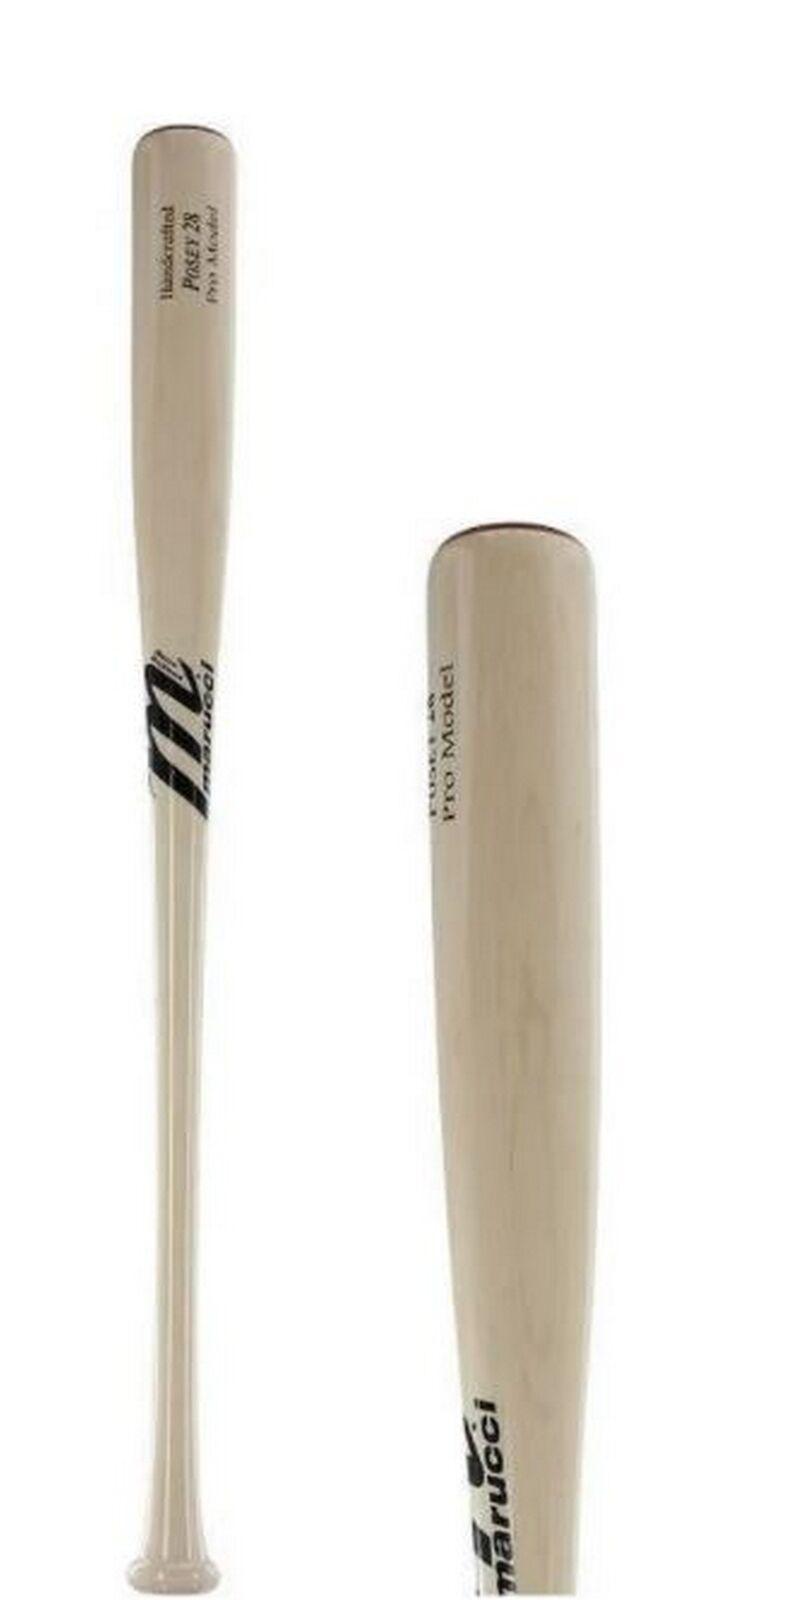 Marucci Buster Posey Pro Modelo bate de béisbol (-3) Tinta Para Adulto De Madera De Arce punto (31 )